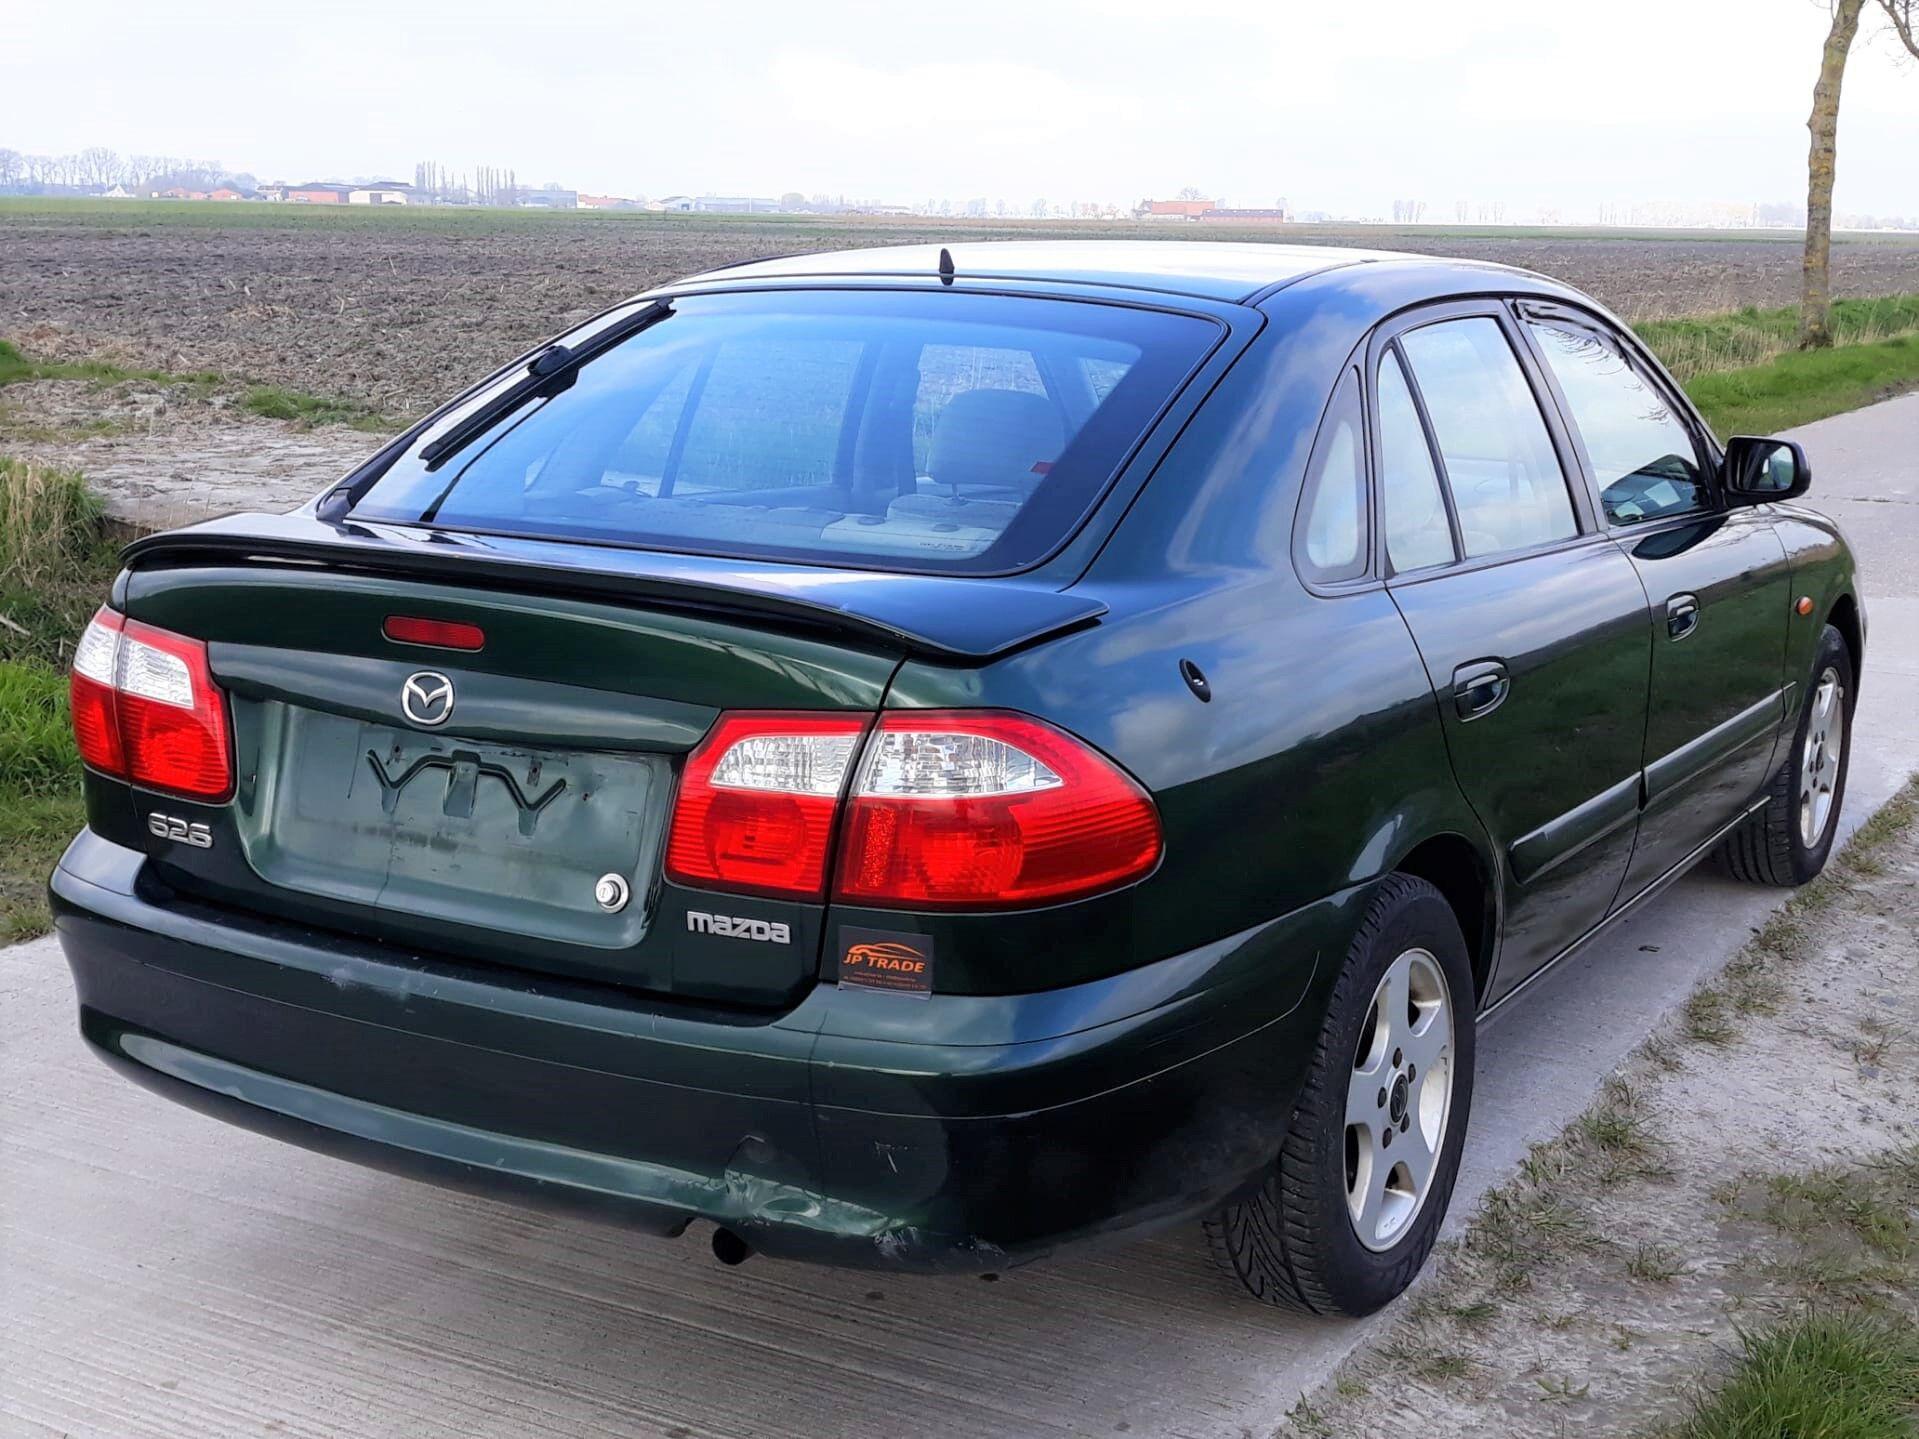 Mazda 626 1.8 5/15